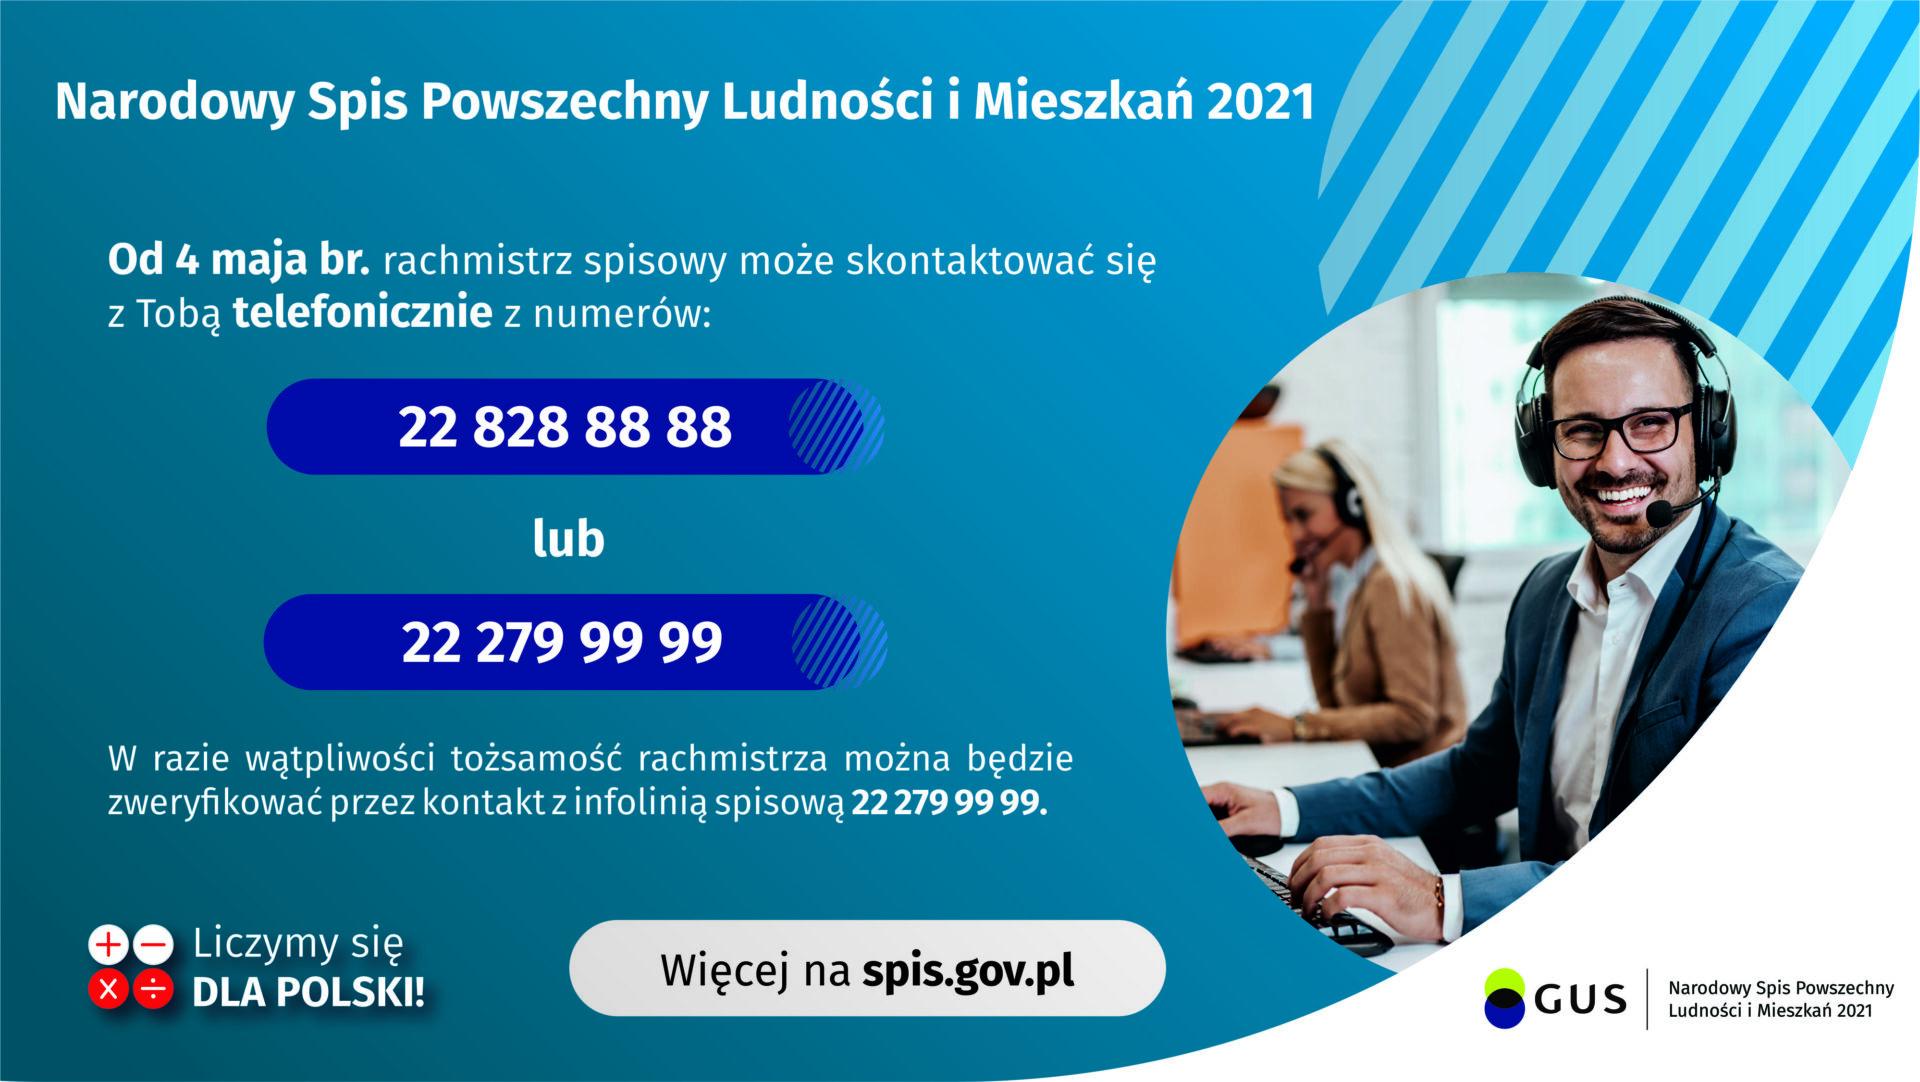 Plakat z numerami z jakich rachmistrzowie będą kontaktować się z mieszkańcami 22 828 88 88 oraz 22 279 99 99